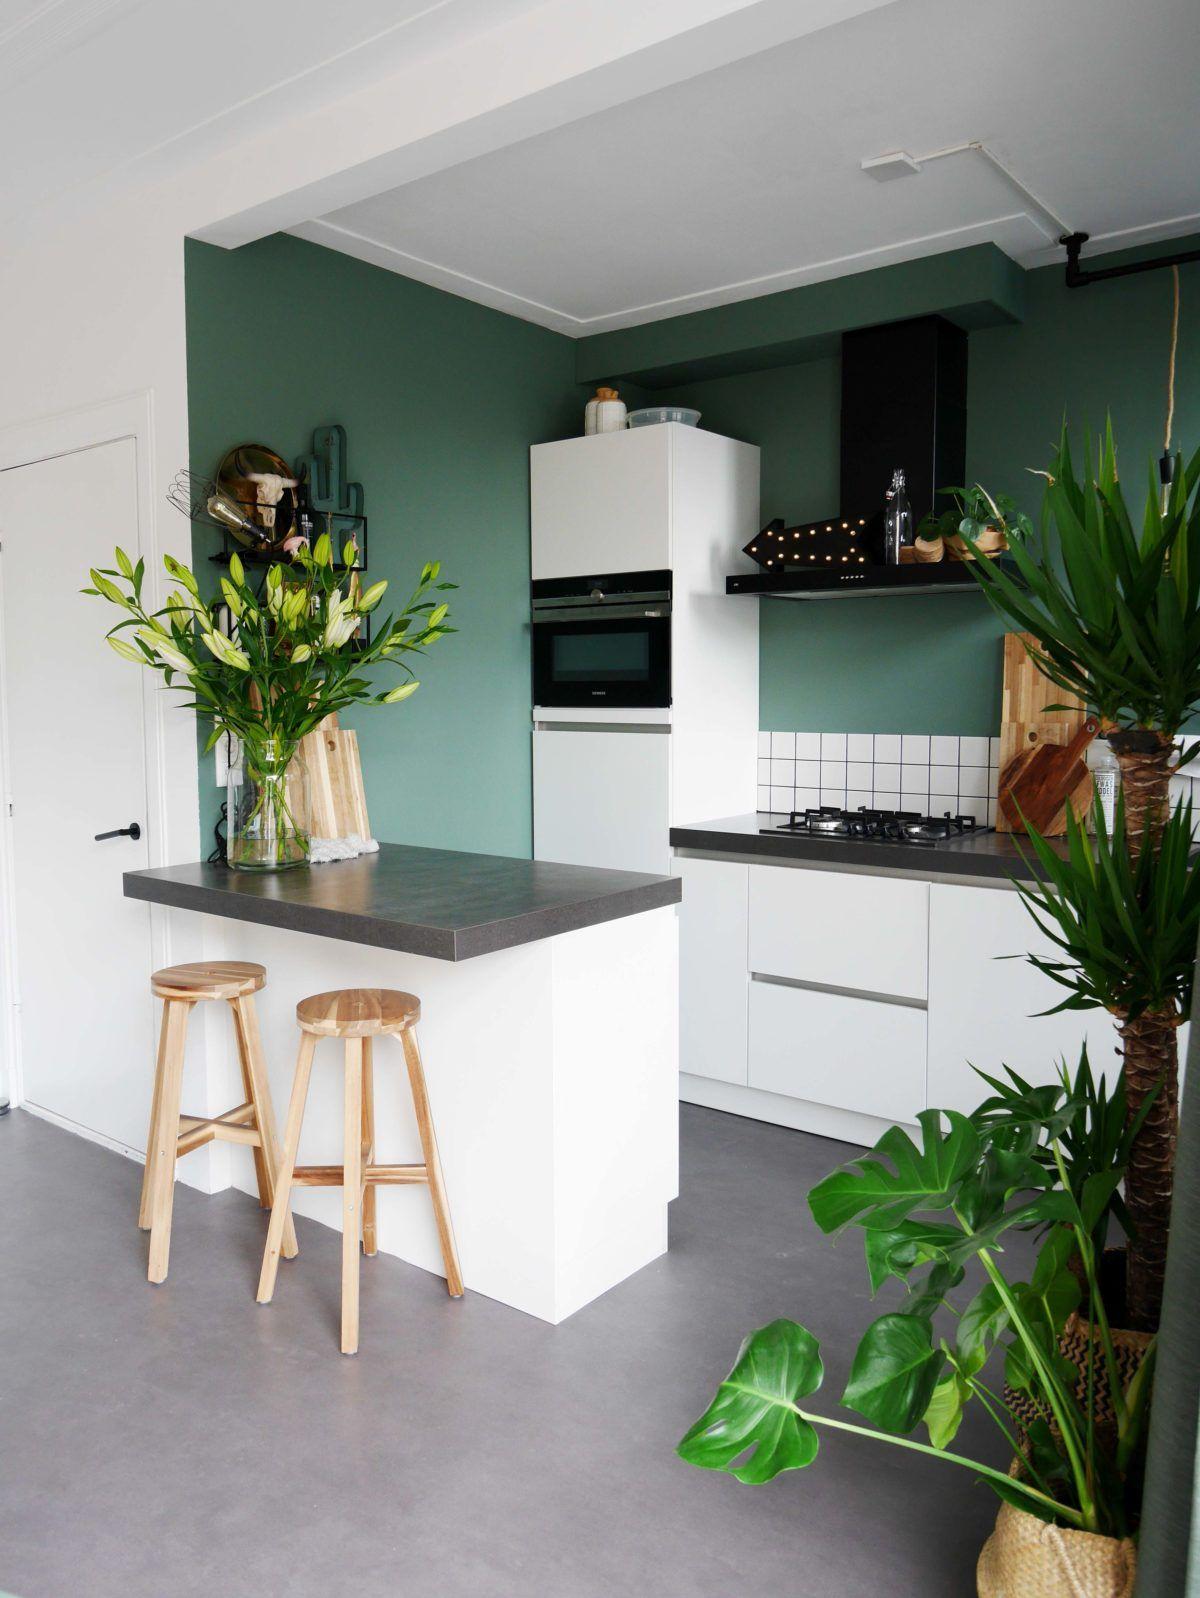 keuken ideeën jaren 30 groen strak wit tegels tegeltjes | Woonkamer ...